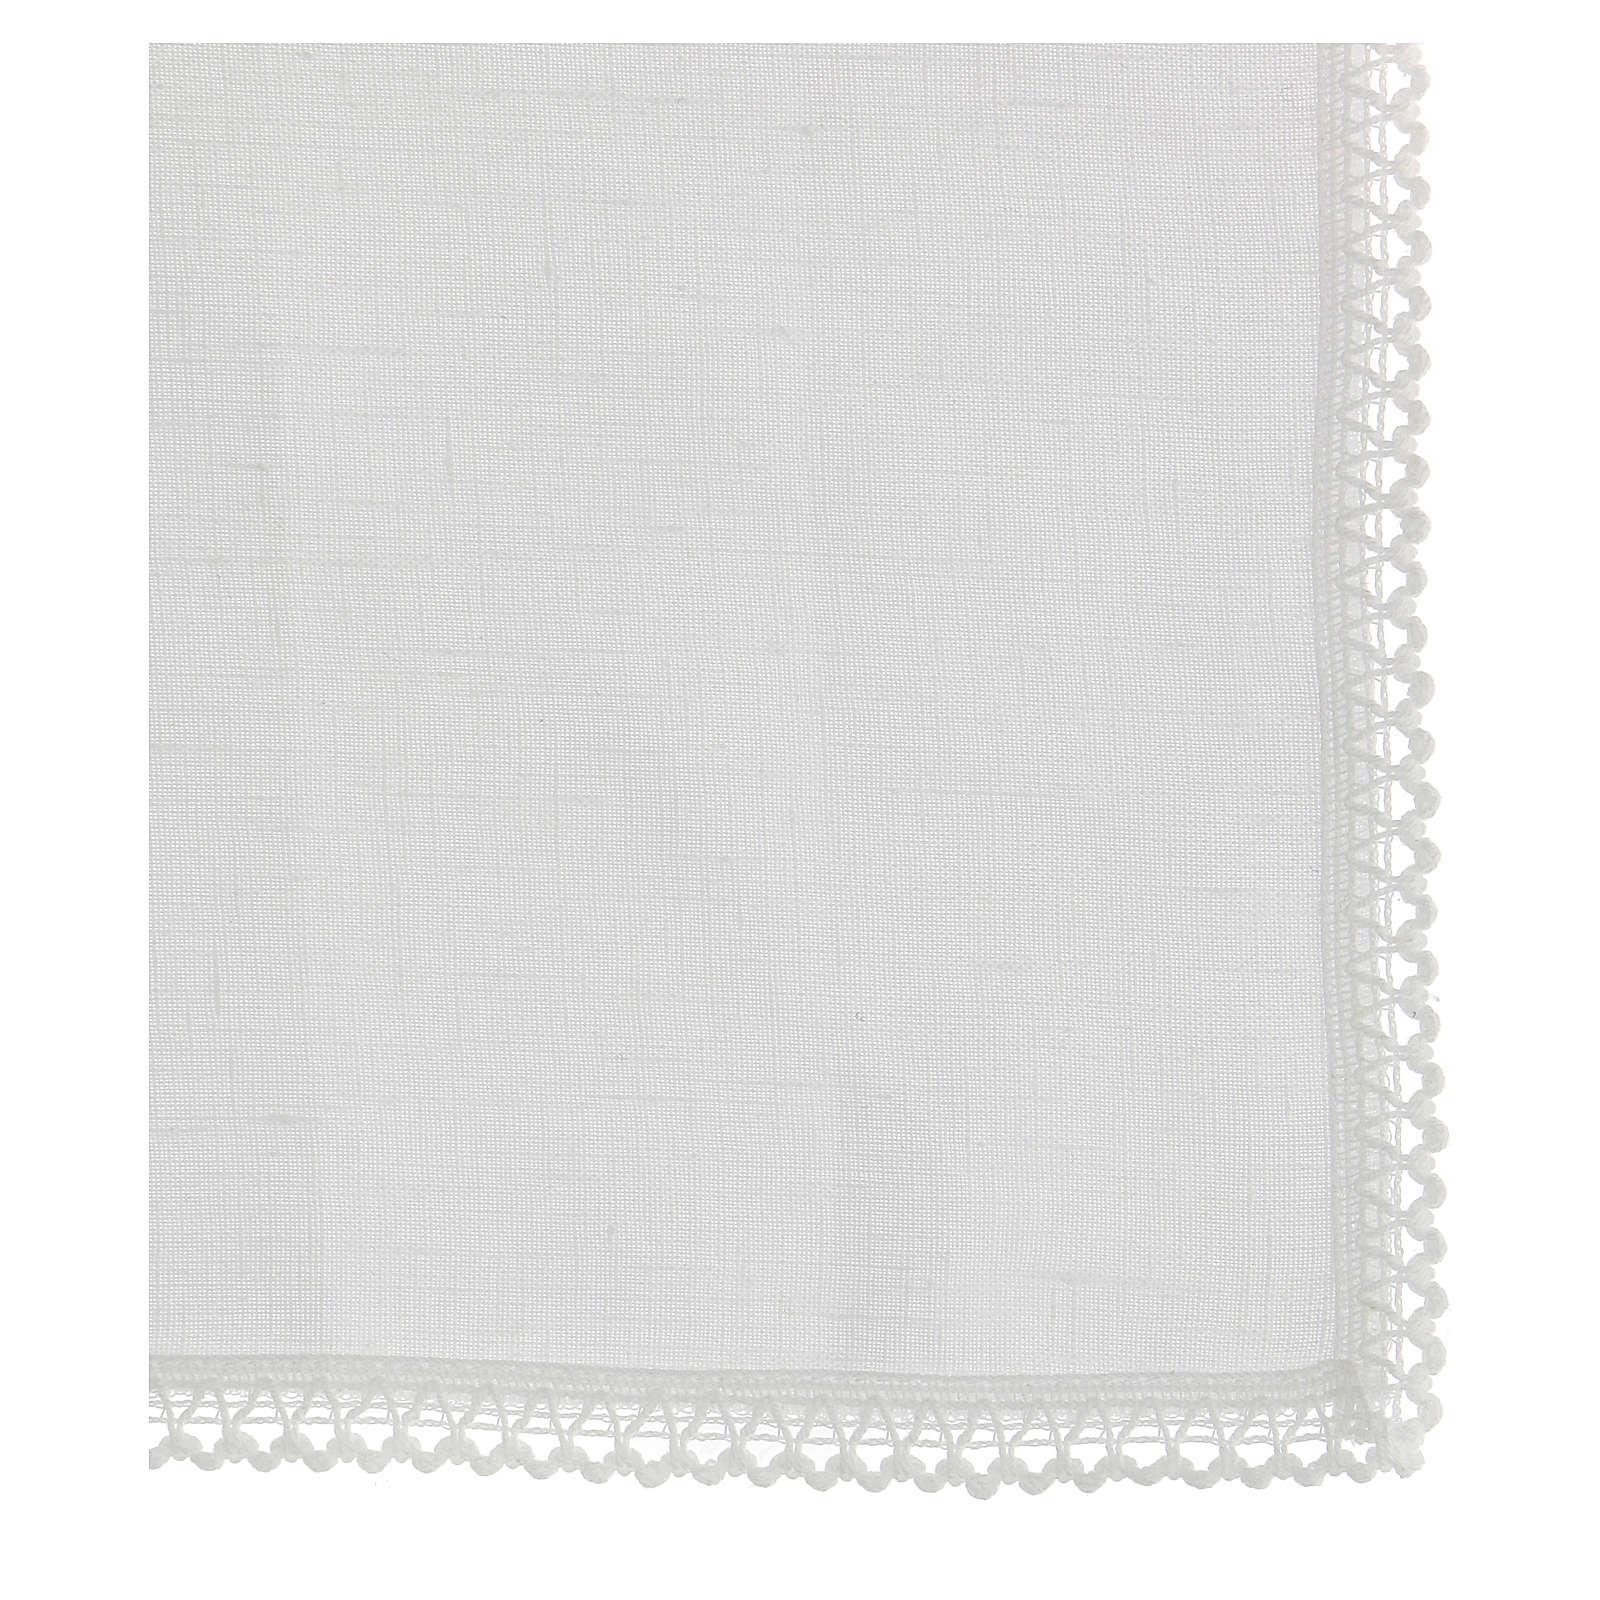 Purificatoire blanc 100% lin avec broderie blanche 4